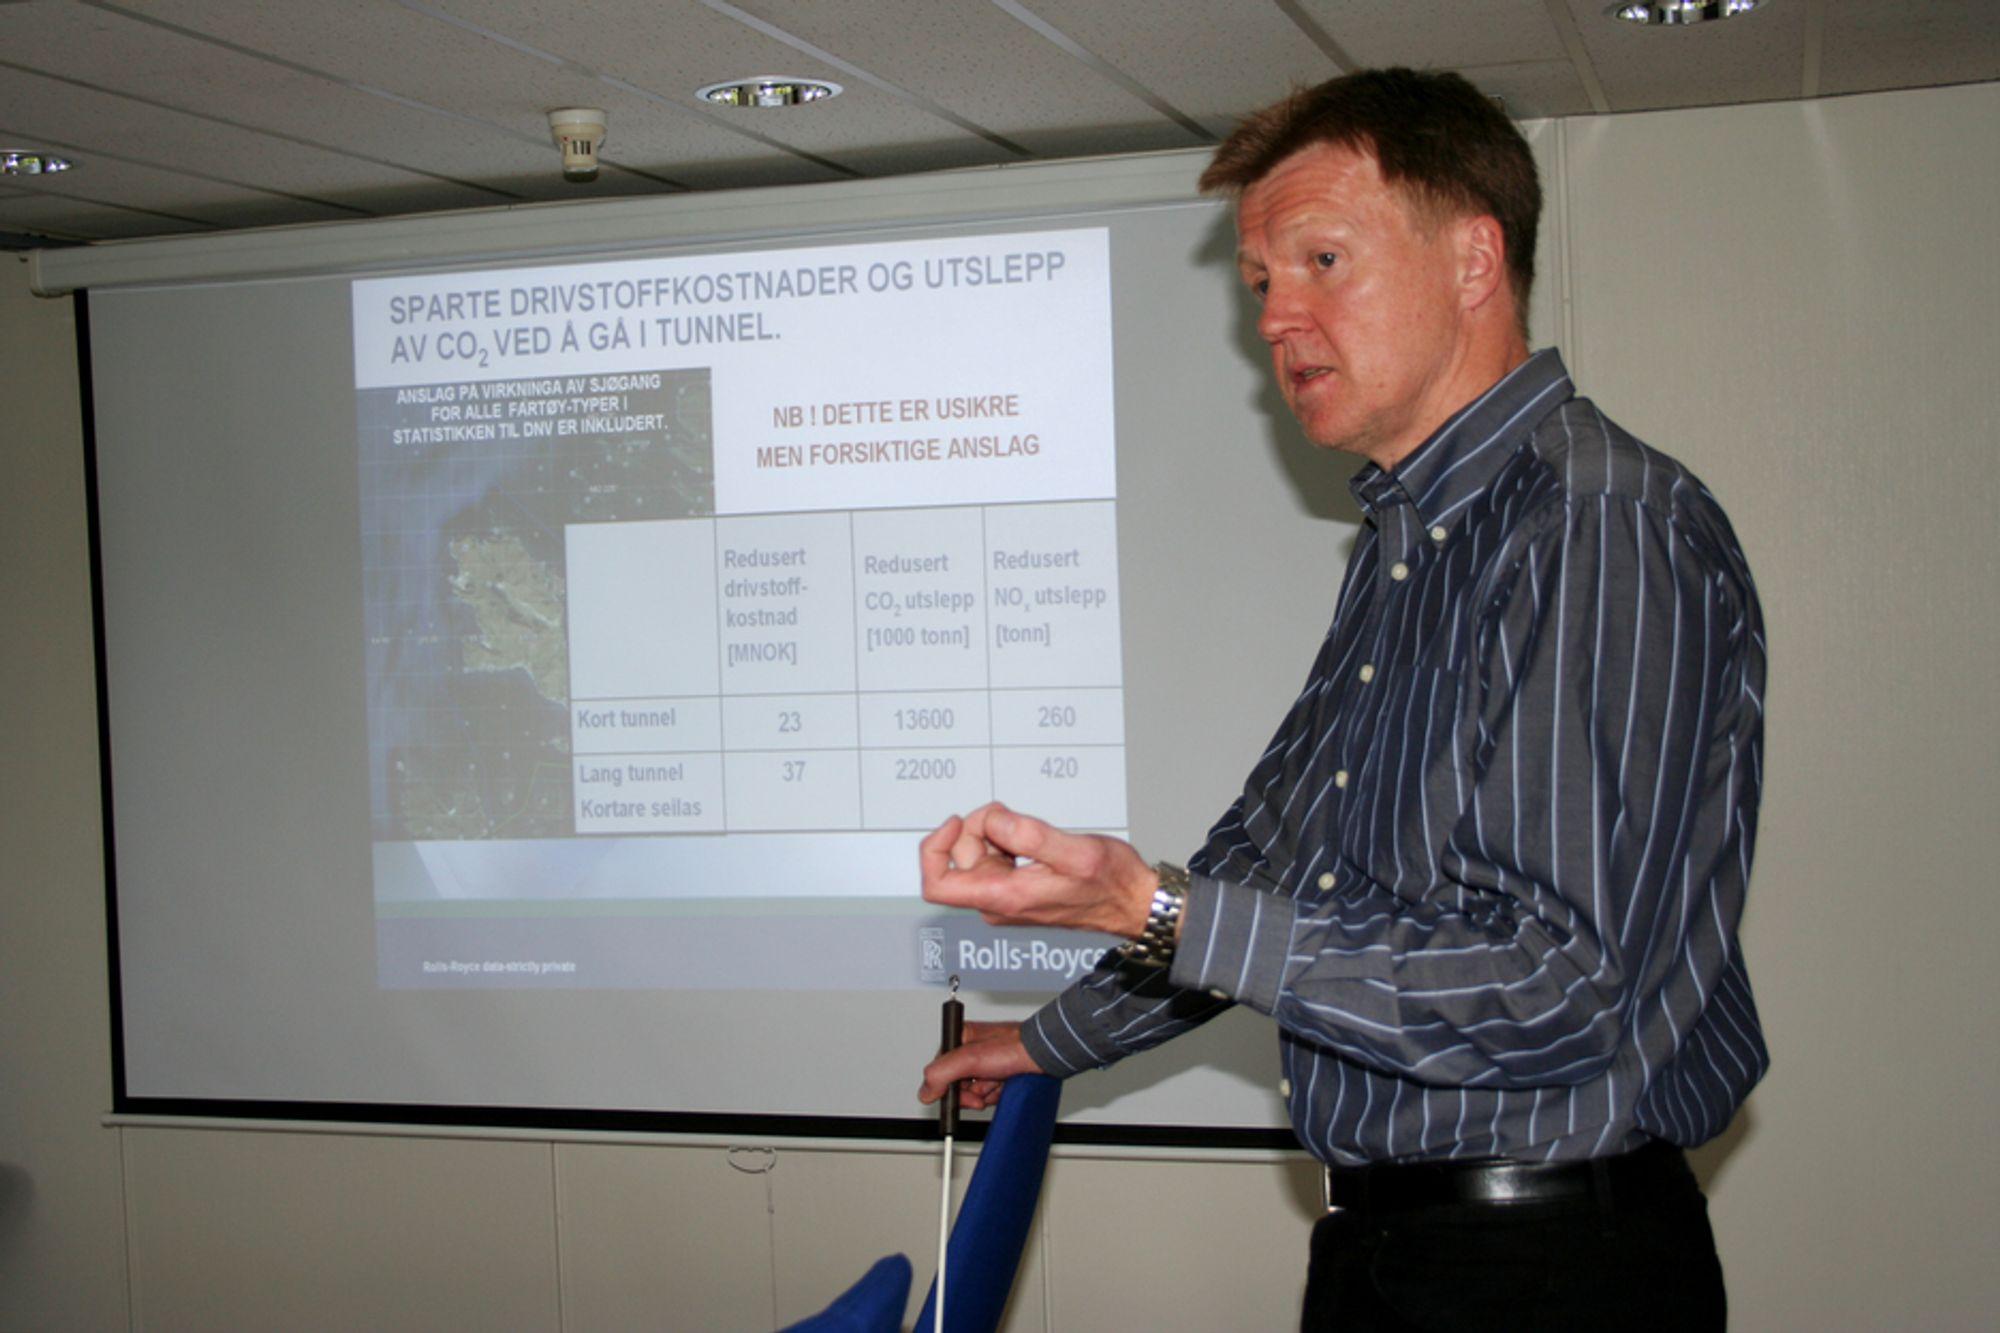 MILJØ: På vegne av Maritimt Forum Nordvest brukte Rolls-Royce sine eksperter til å vurdere Kystverkets konseptvalgsrapporter for Stad skipstunnel. En tunnel vil ha store miljømessige gevinster ved redusert drivstofforbruk.